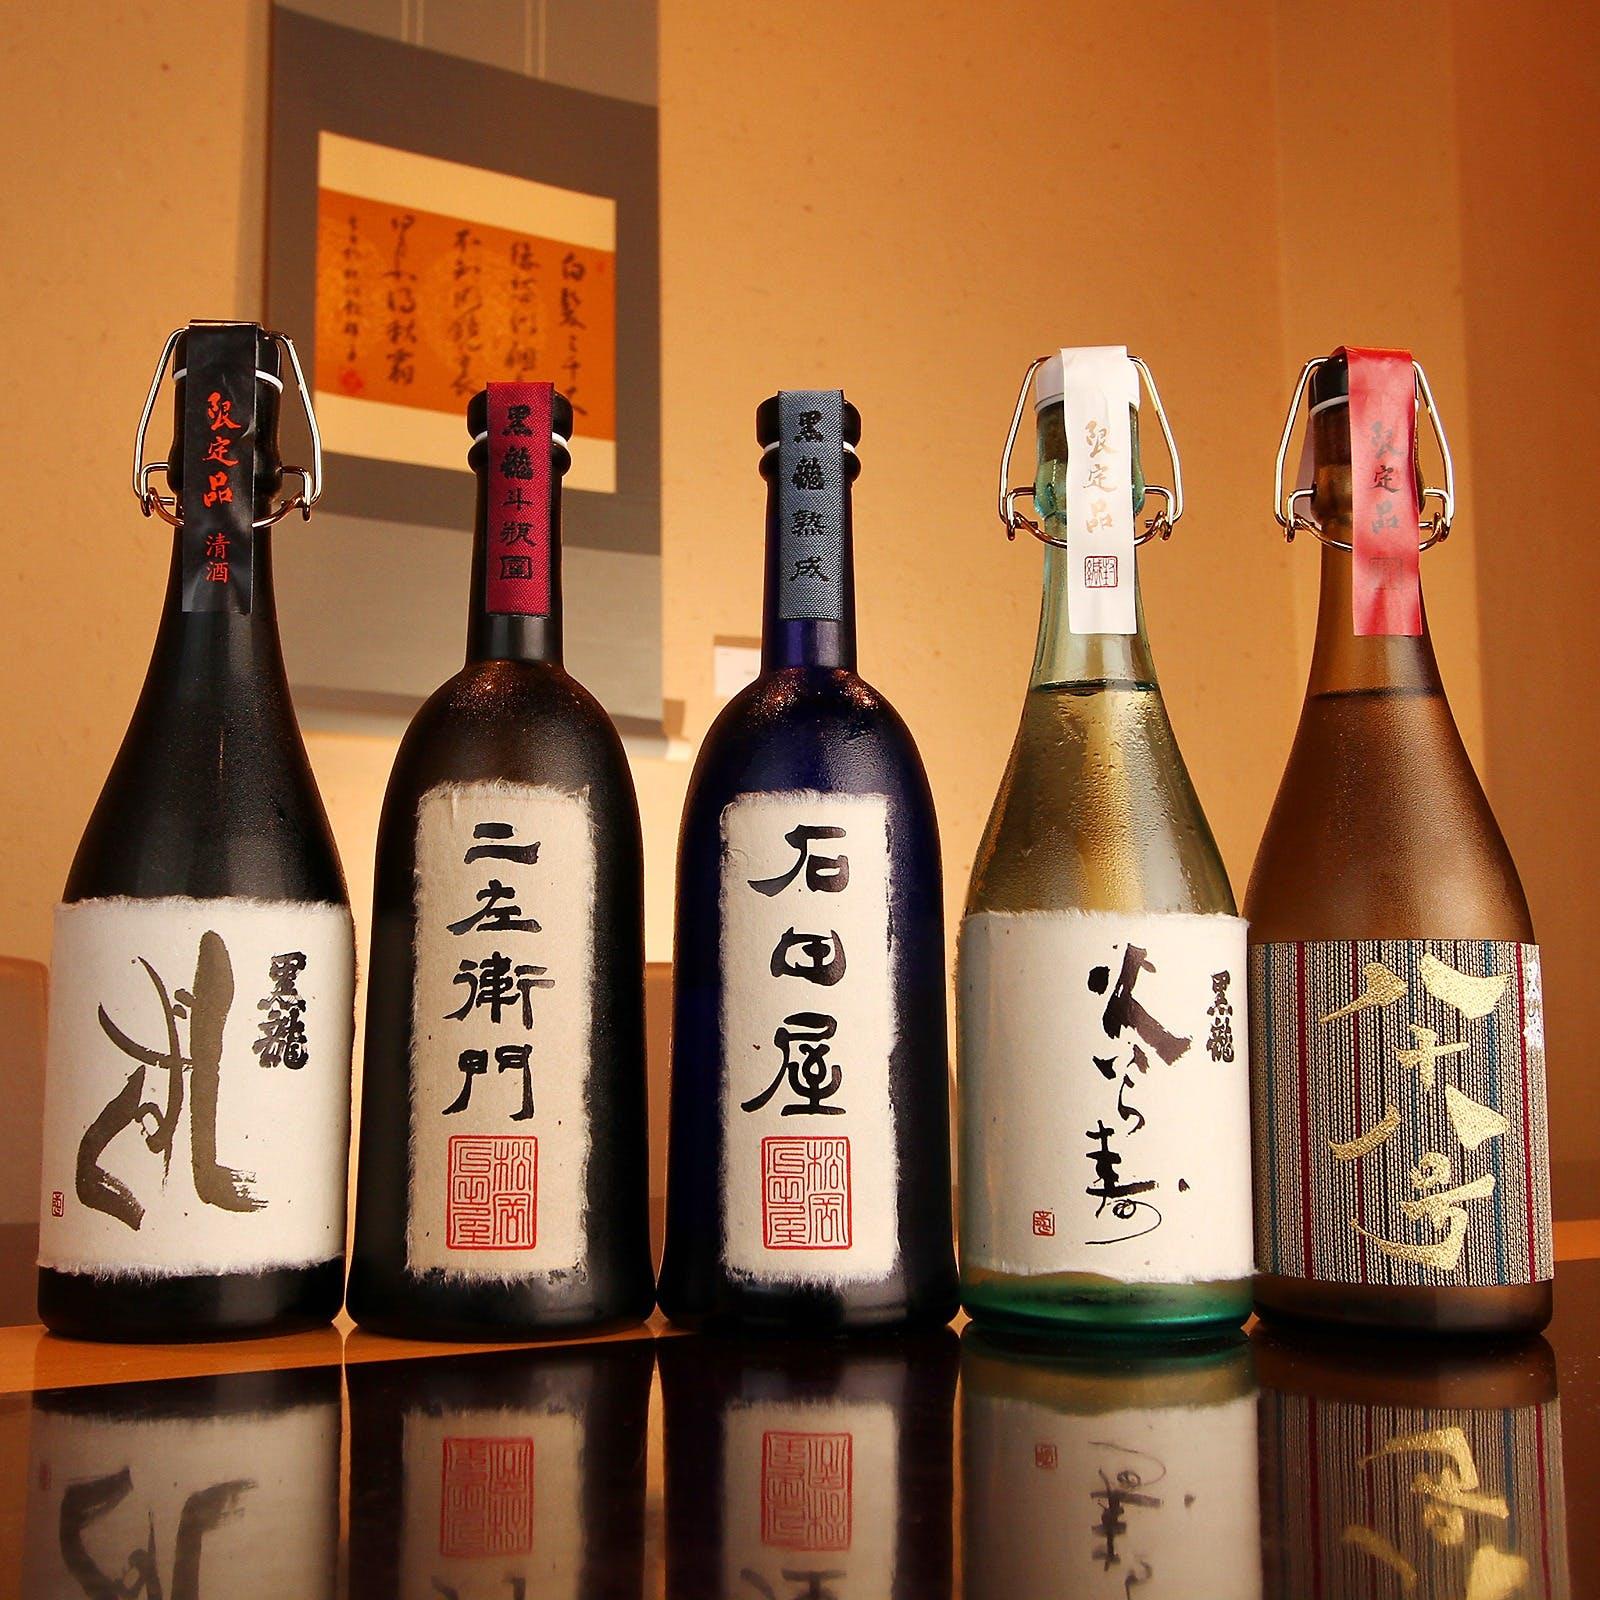 黒龍限定酒はじめお酒の品揃えは秀逸